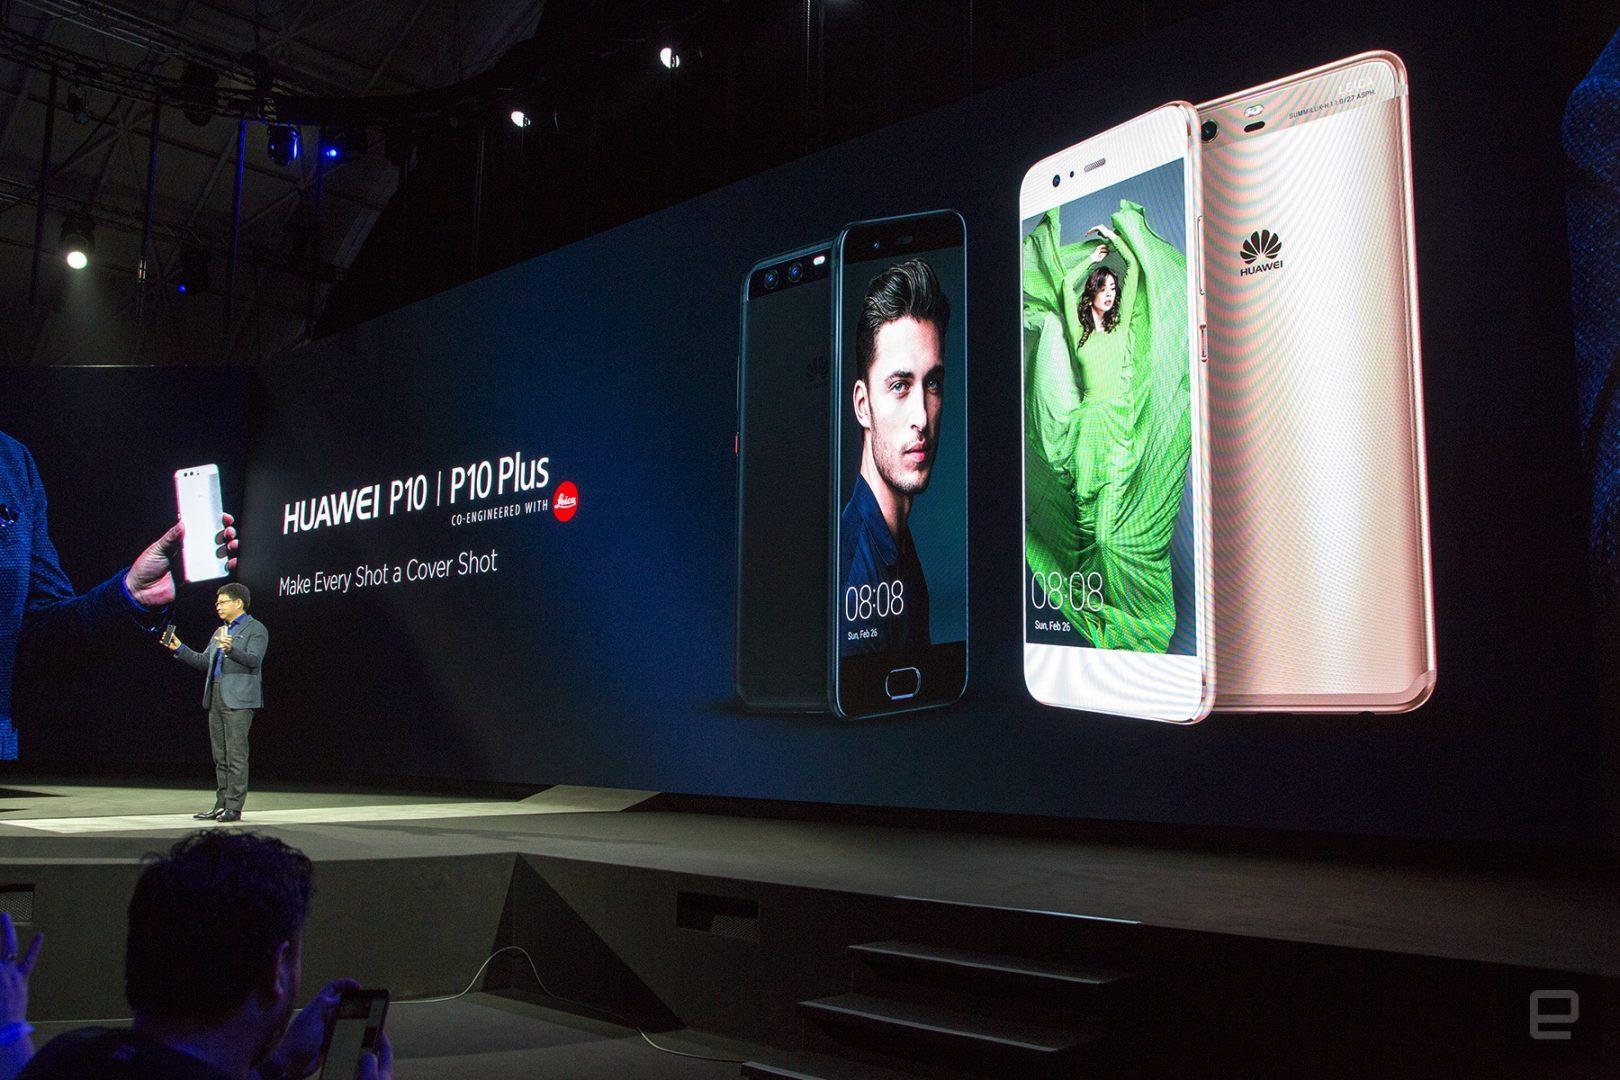 Huawei P10 P10 Plus